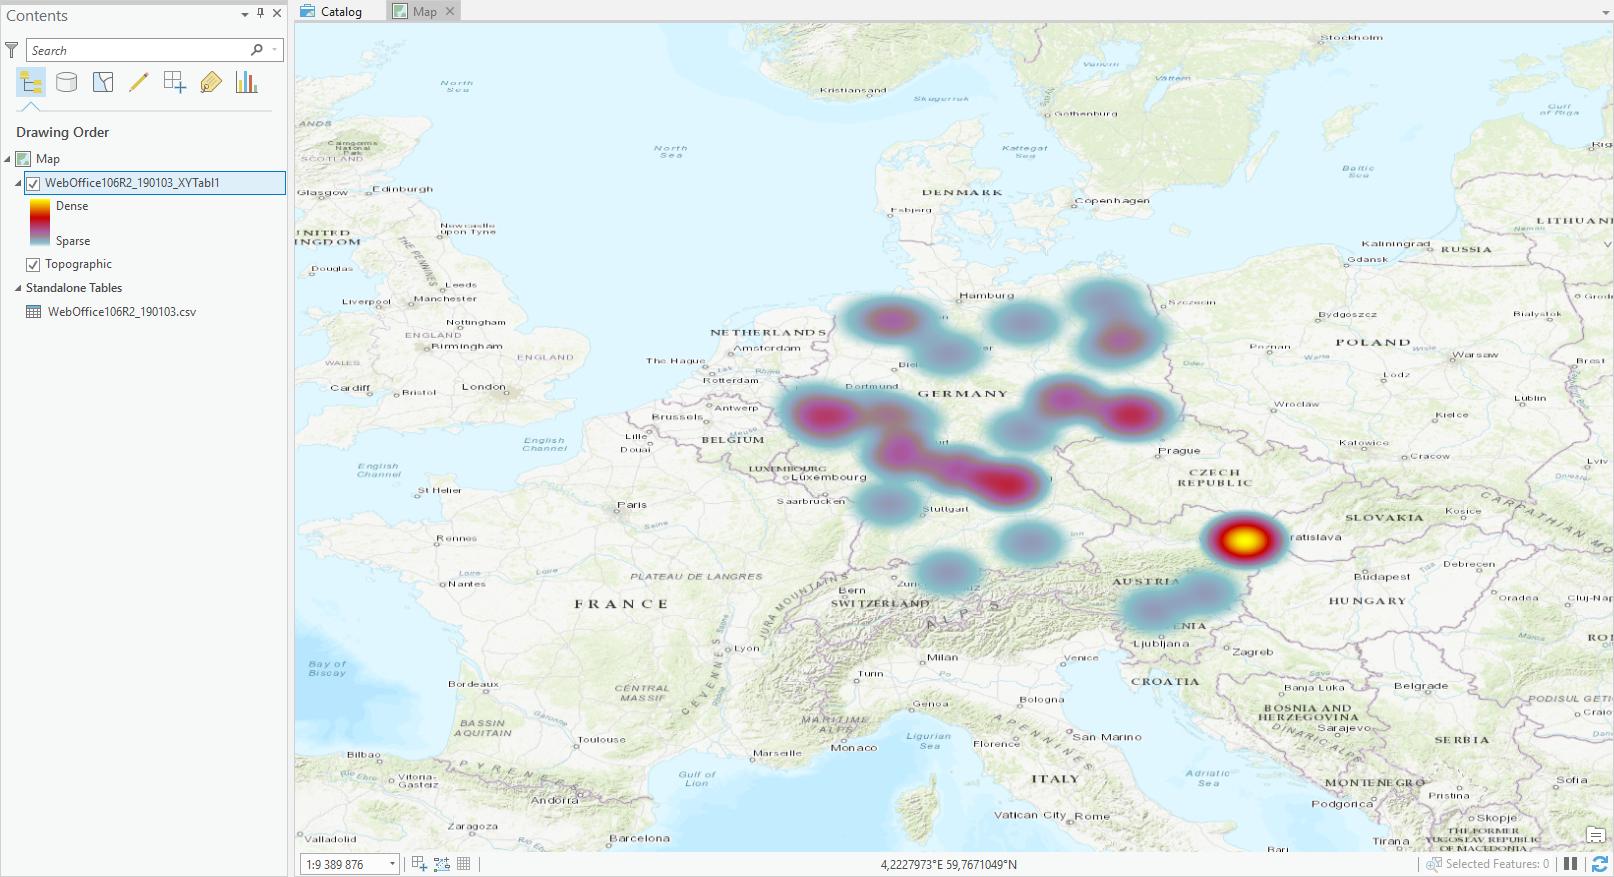 Heat Map in ArcGIS Pro